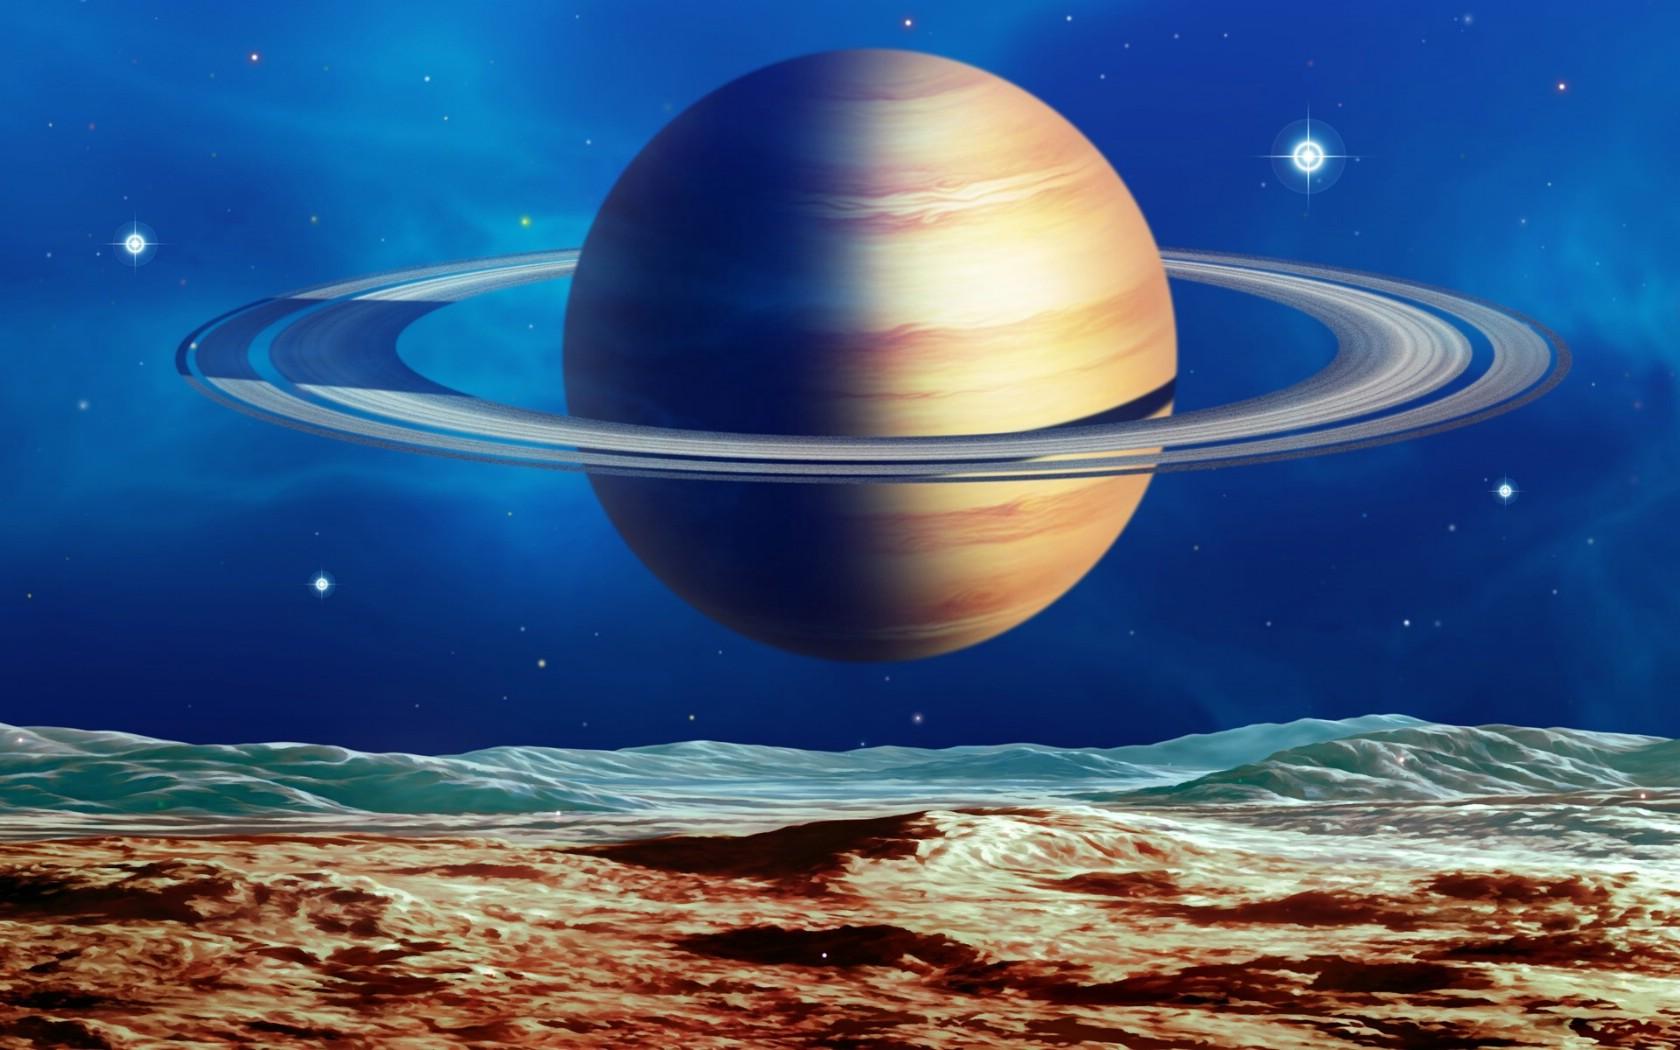 宇宙星球太空cg插画